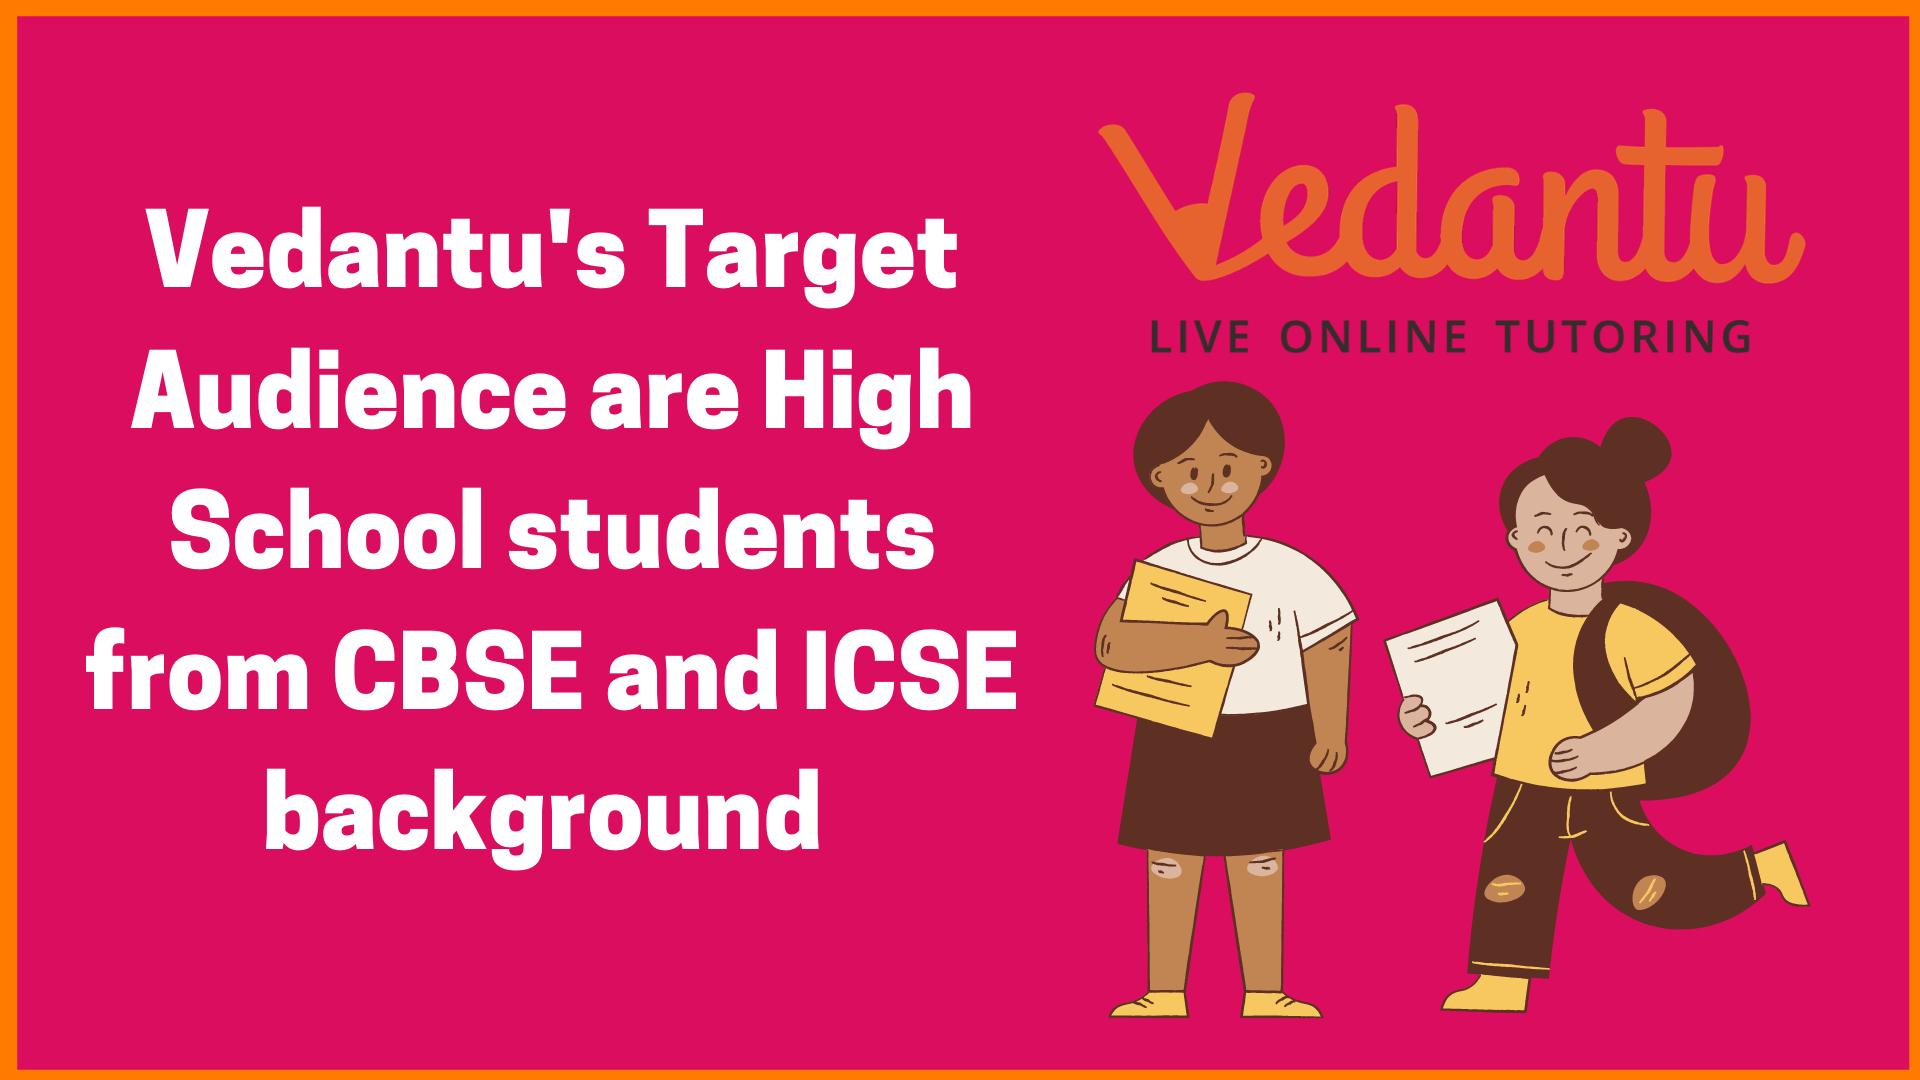 Vedantu's target audience